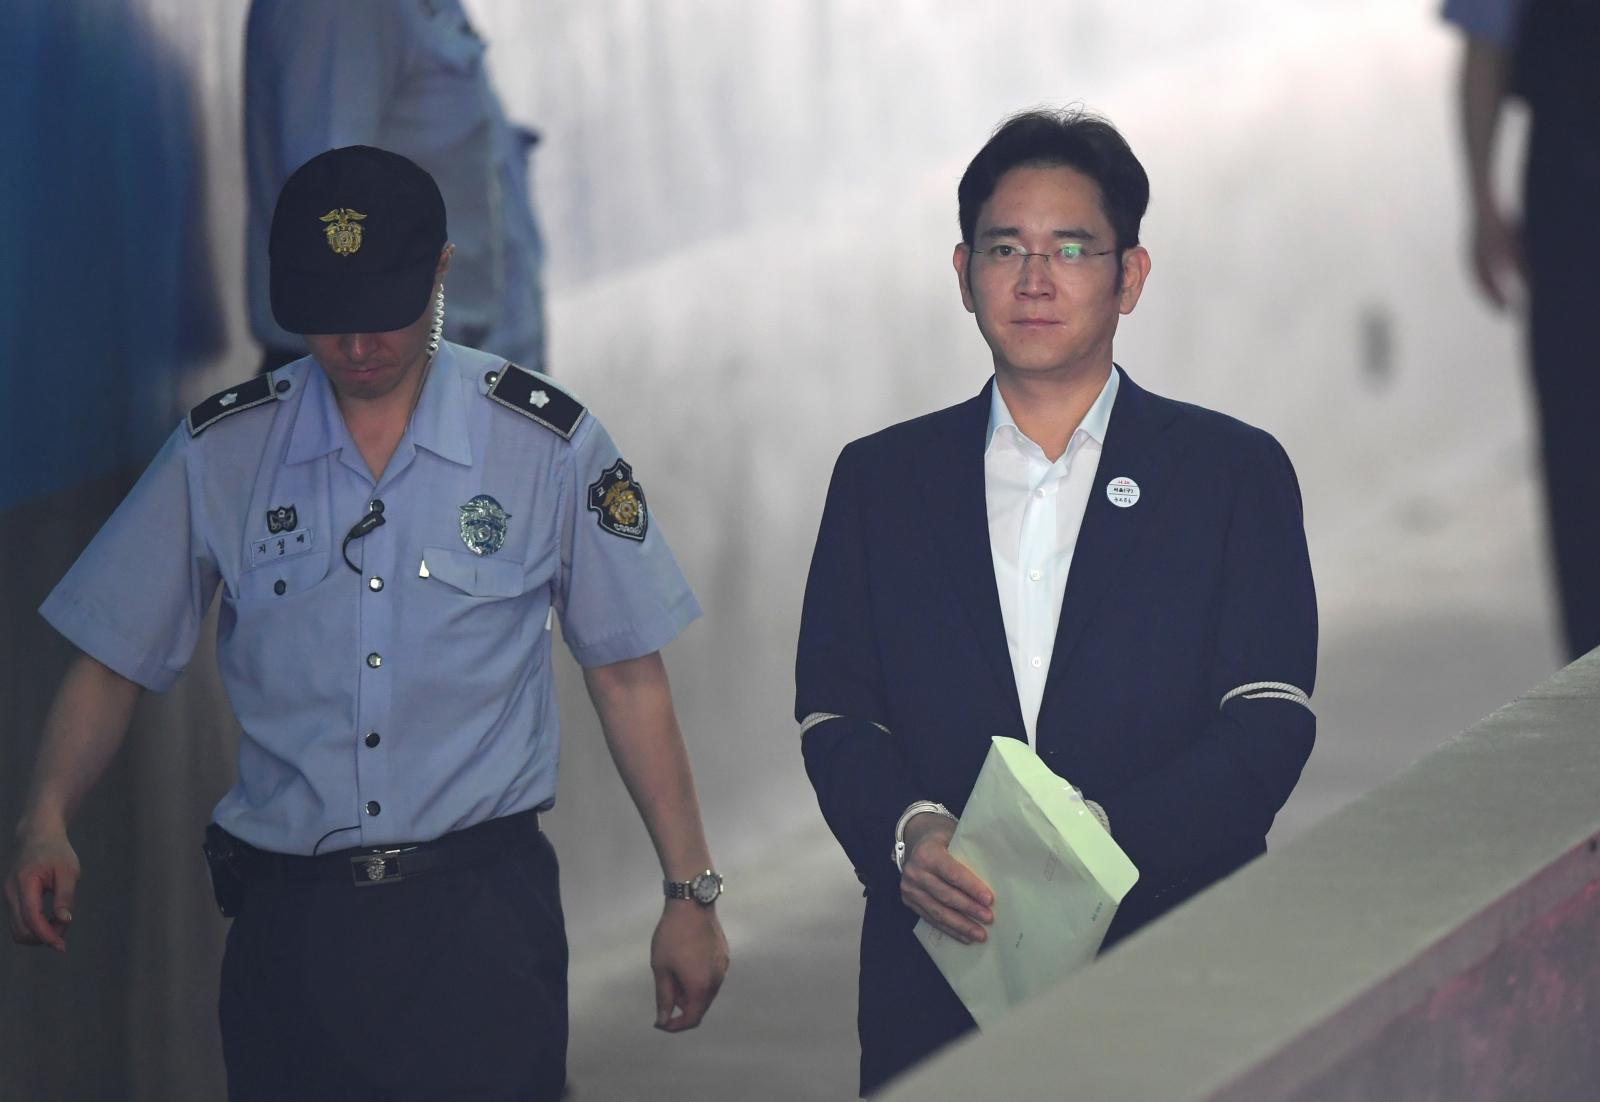 อัยการเสนอโทษจำคุก 12 ปี รองประธานซัมซุง